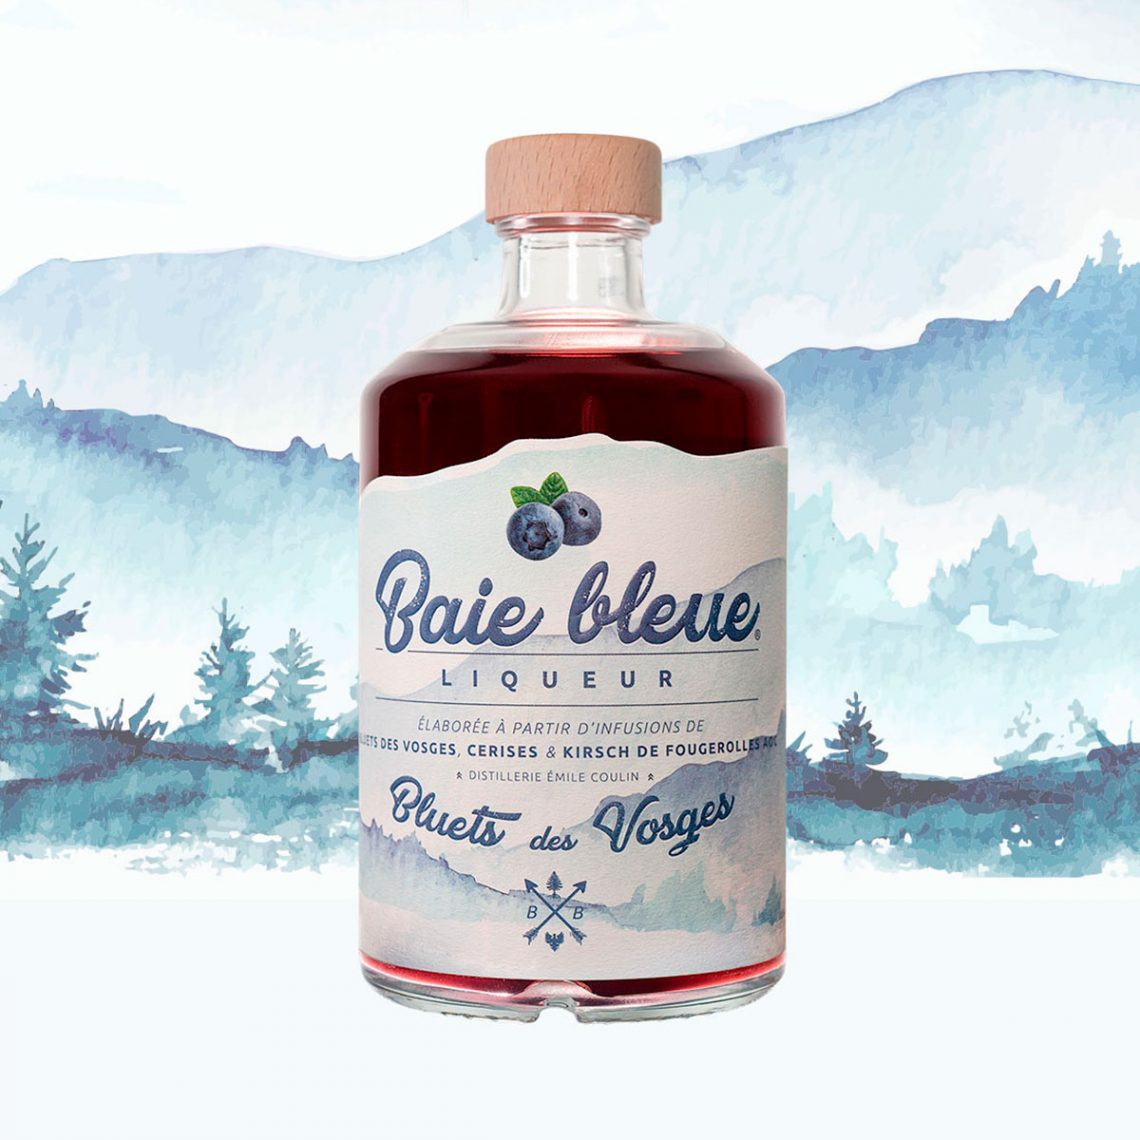 Liqueur Baie Bleue